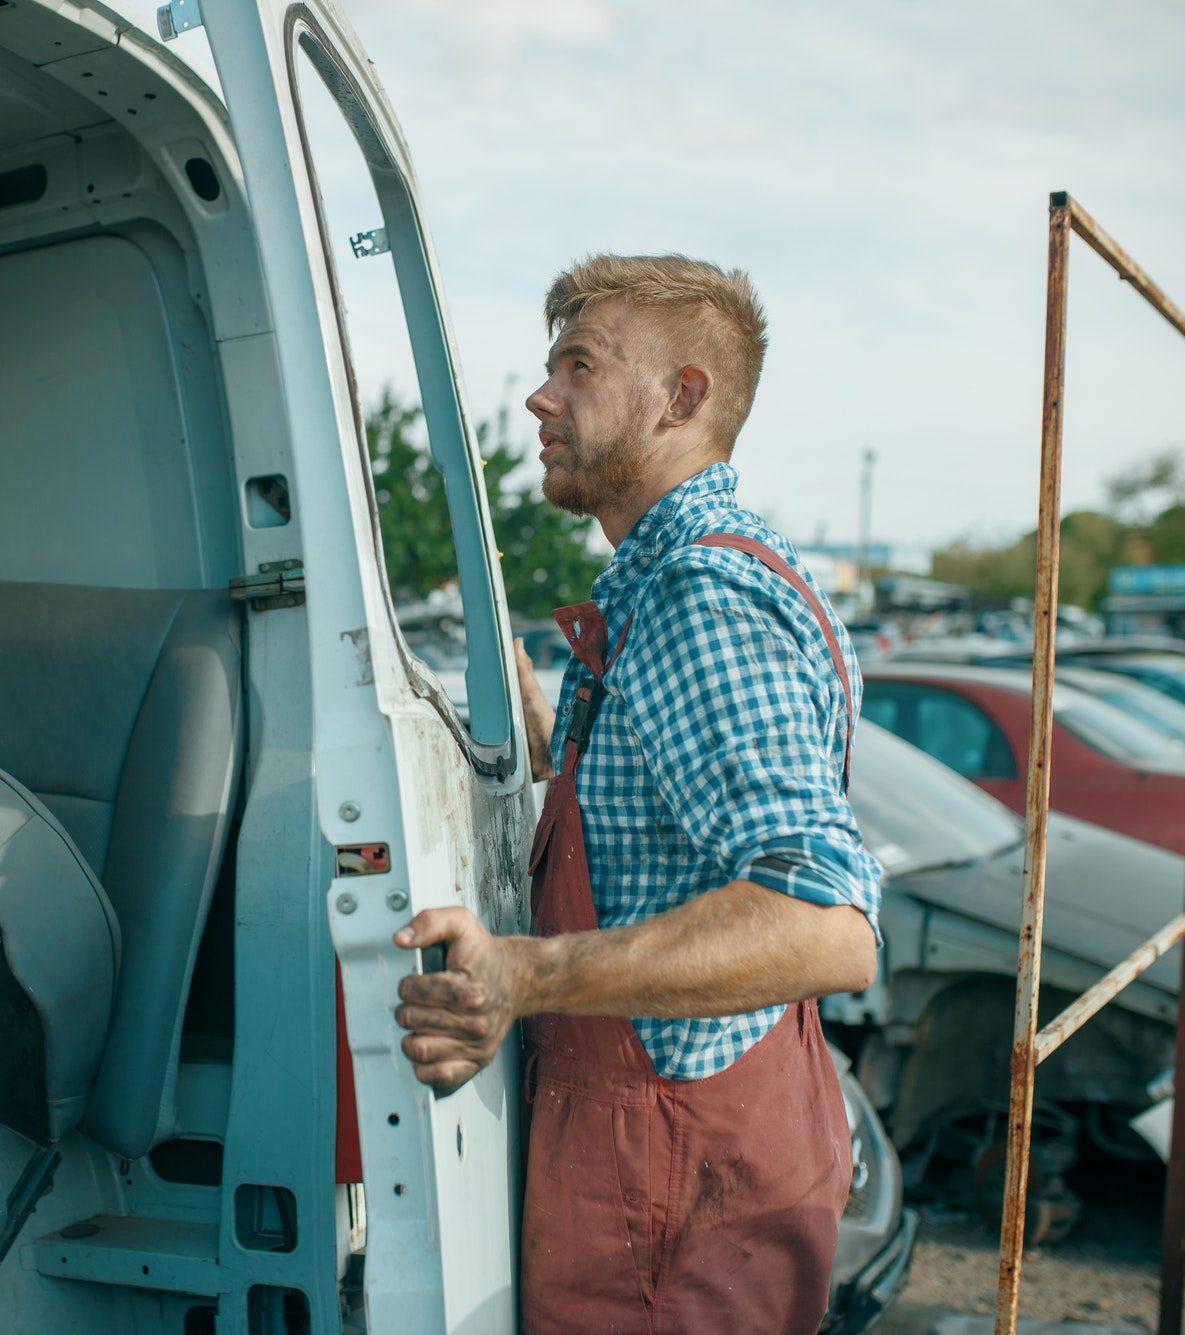 Male repairman removes the door on car scrapyard